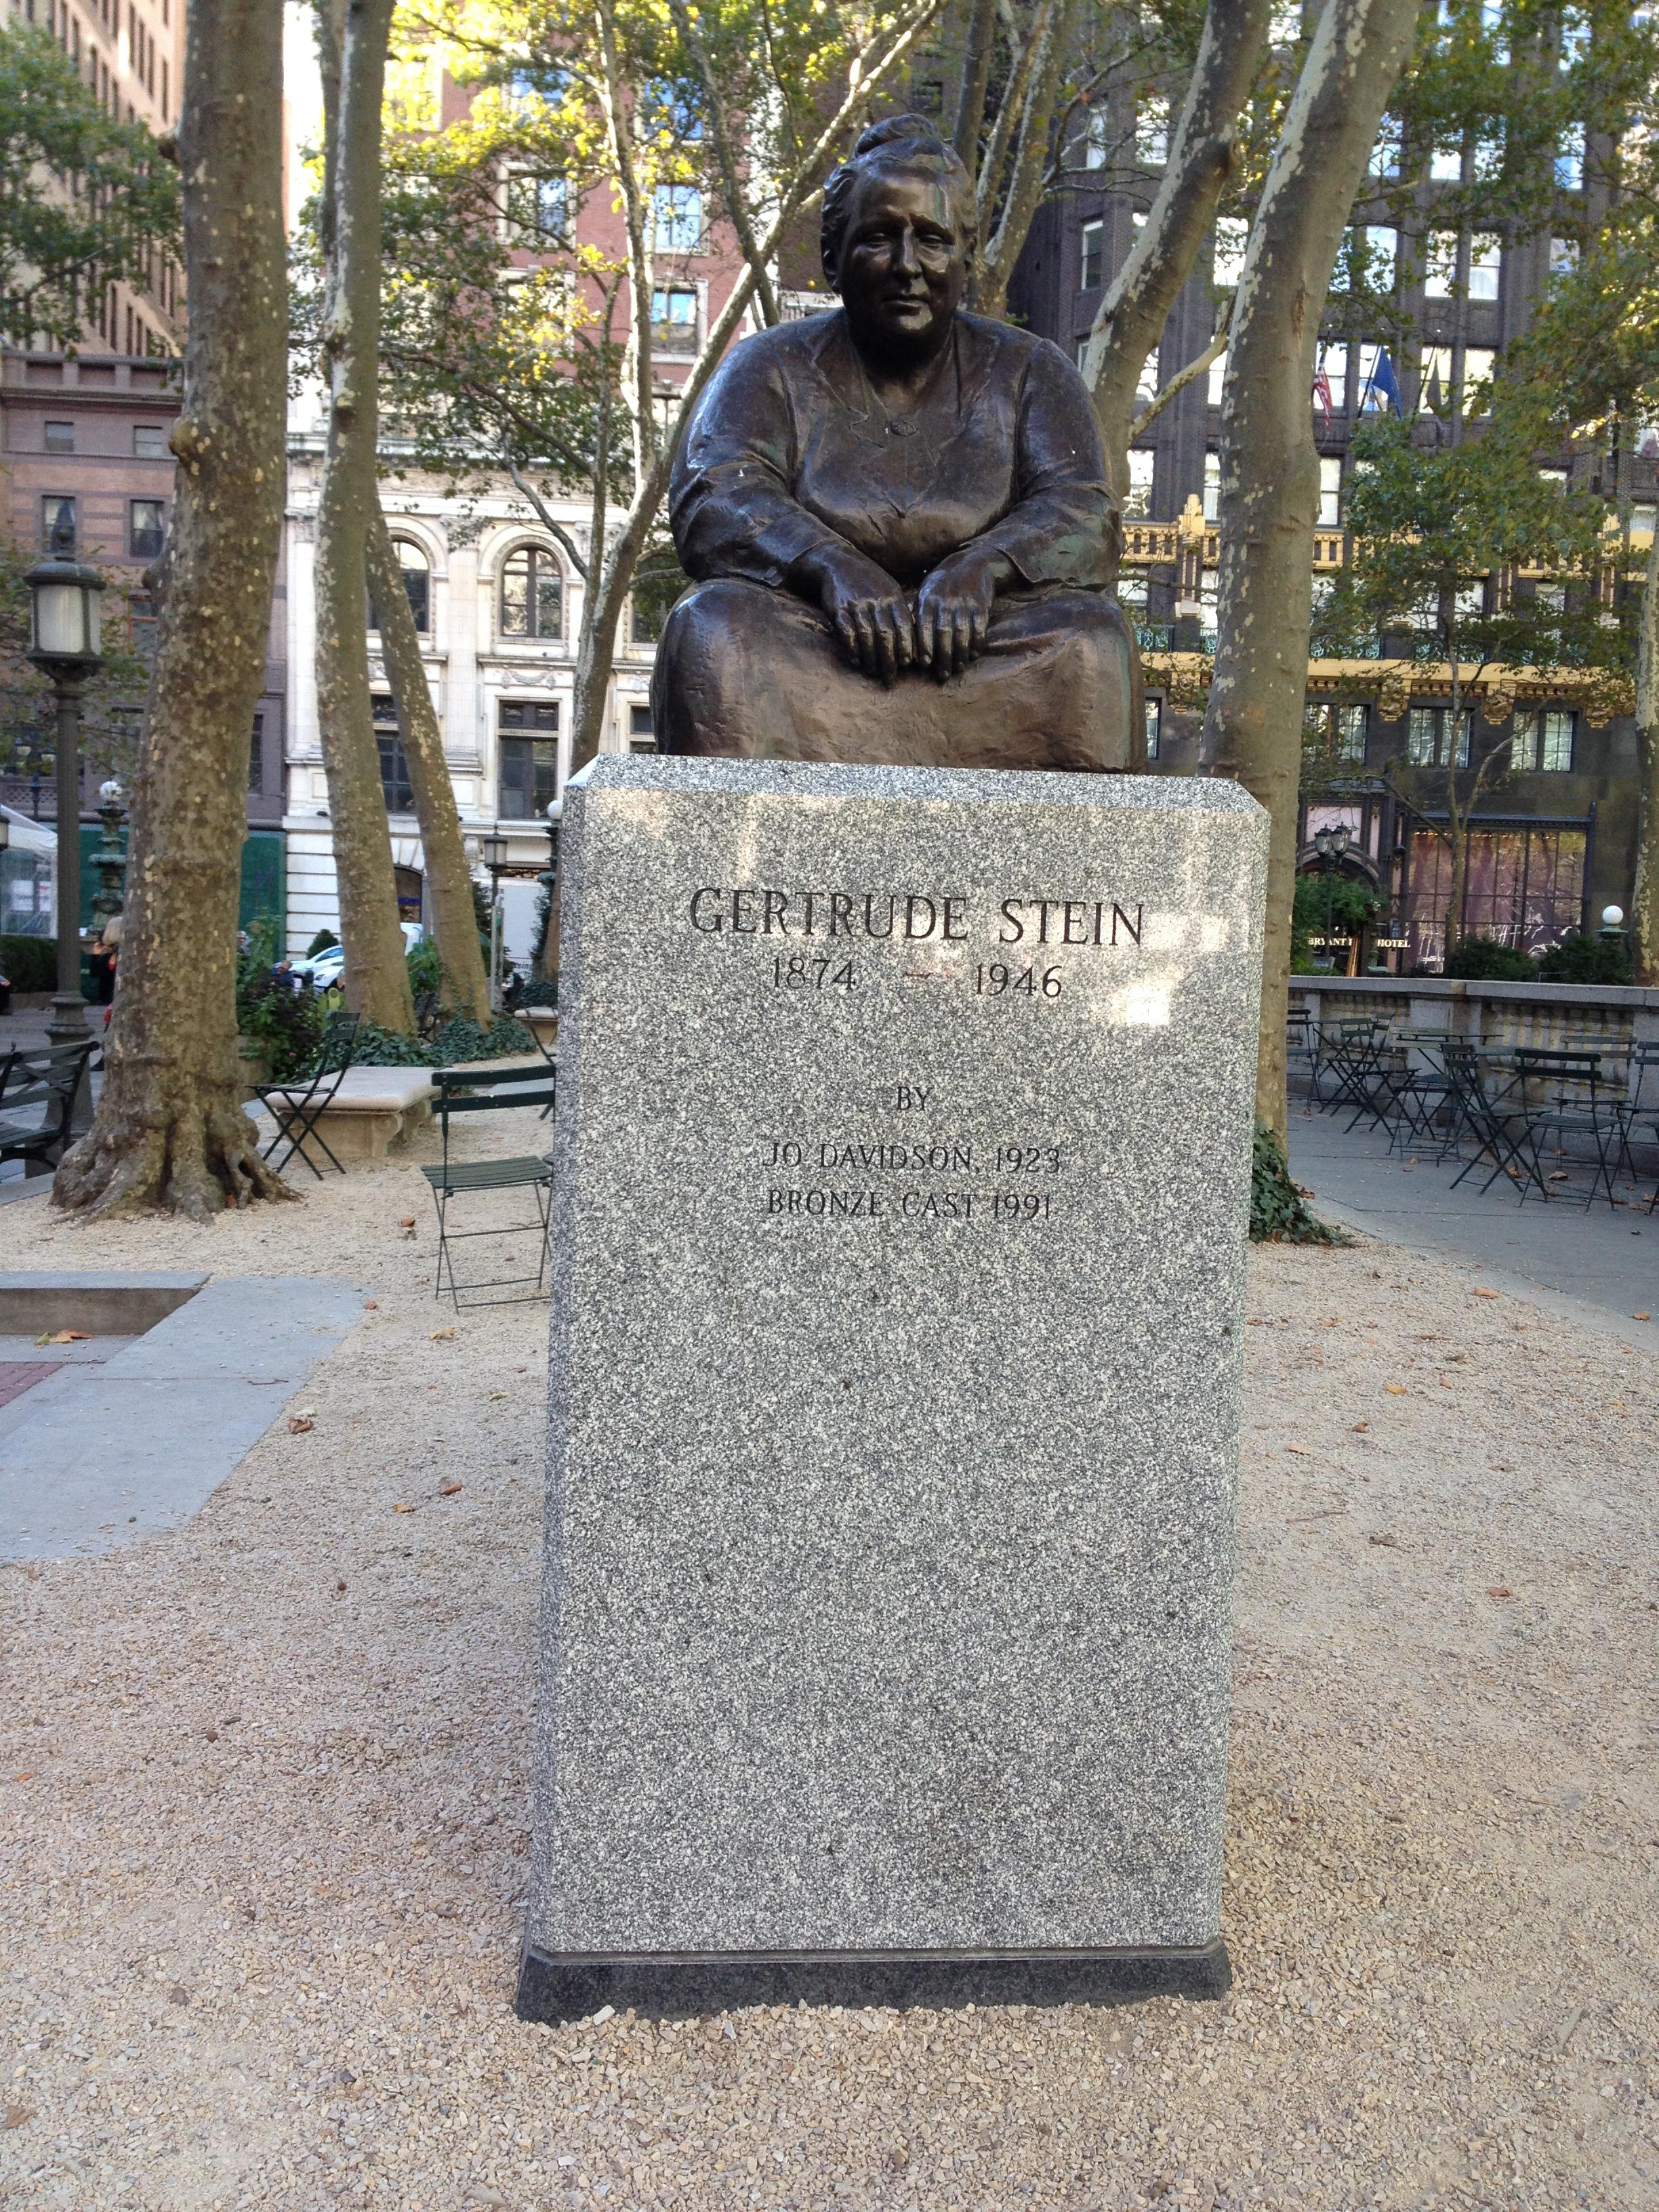 Gertrude-Stein-Bryant-Park-NYC.jpg